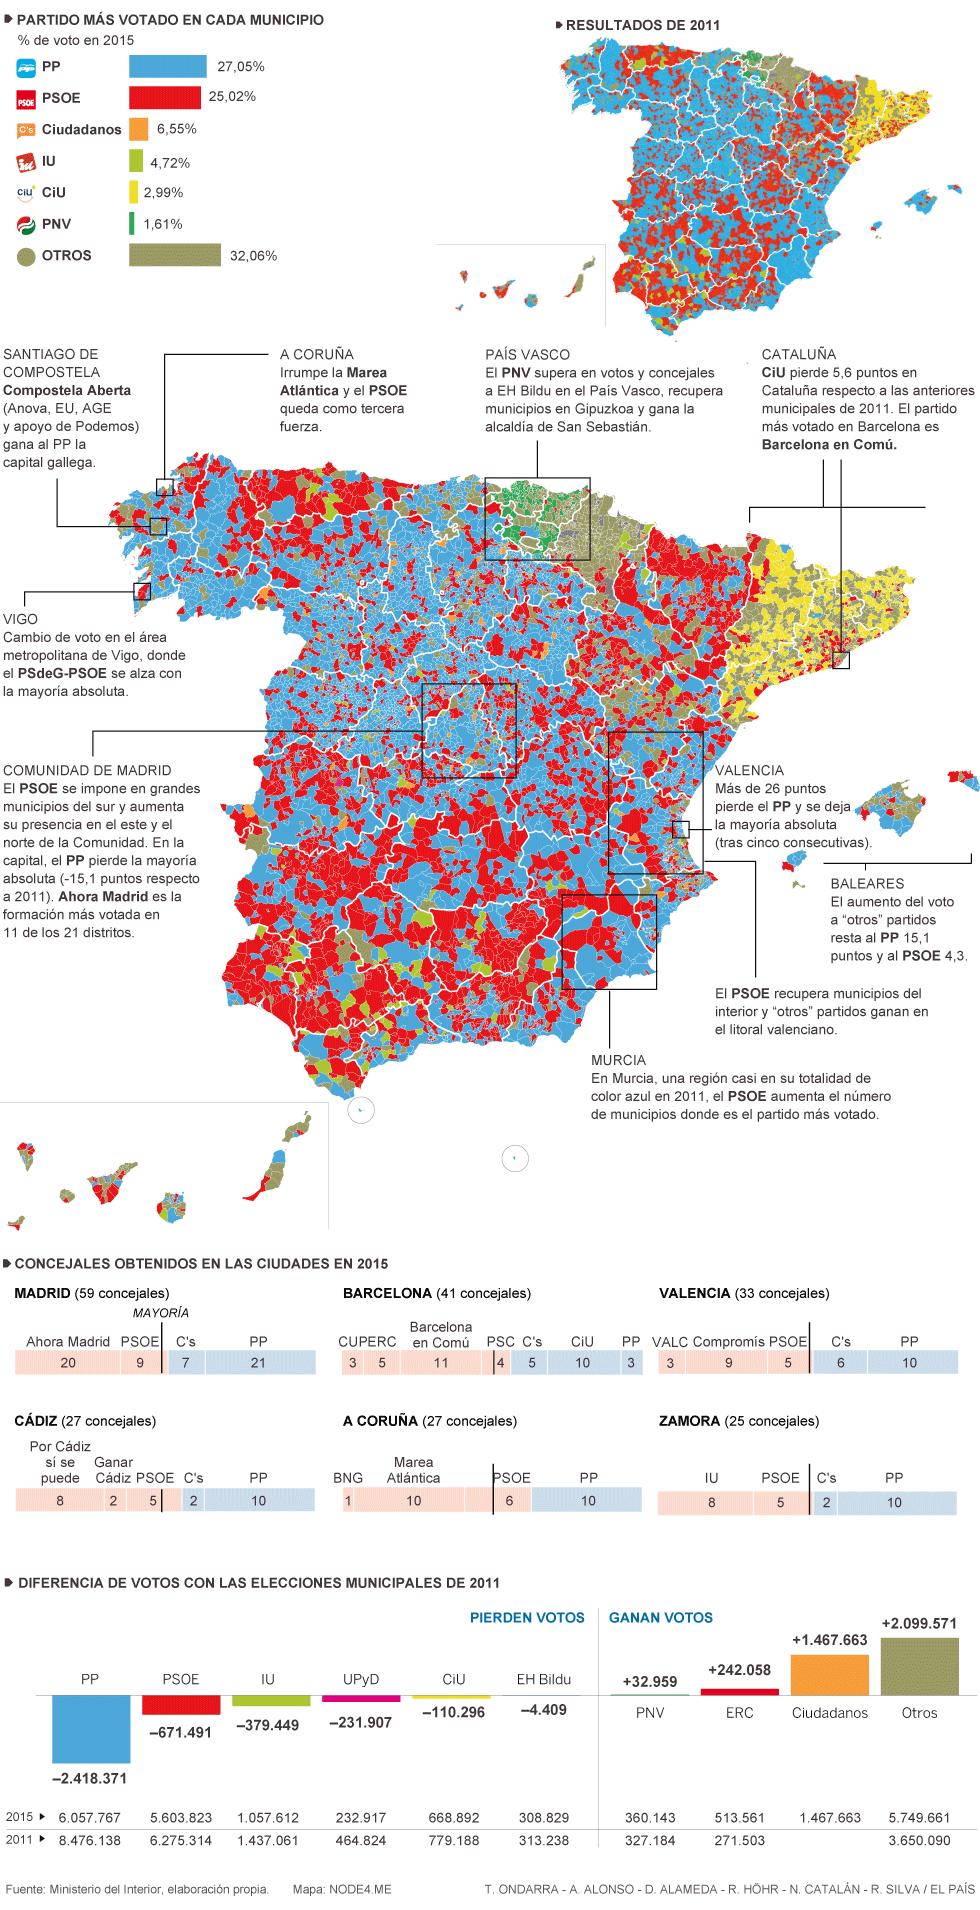 Mapa De Elecciones 2015.El Mapa De Las Elecciones Municipales De 2015 Actualidad